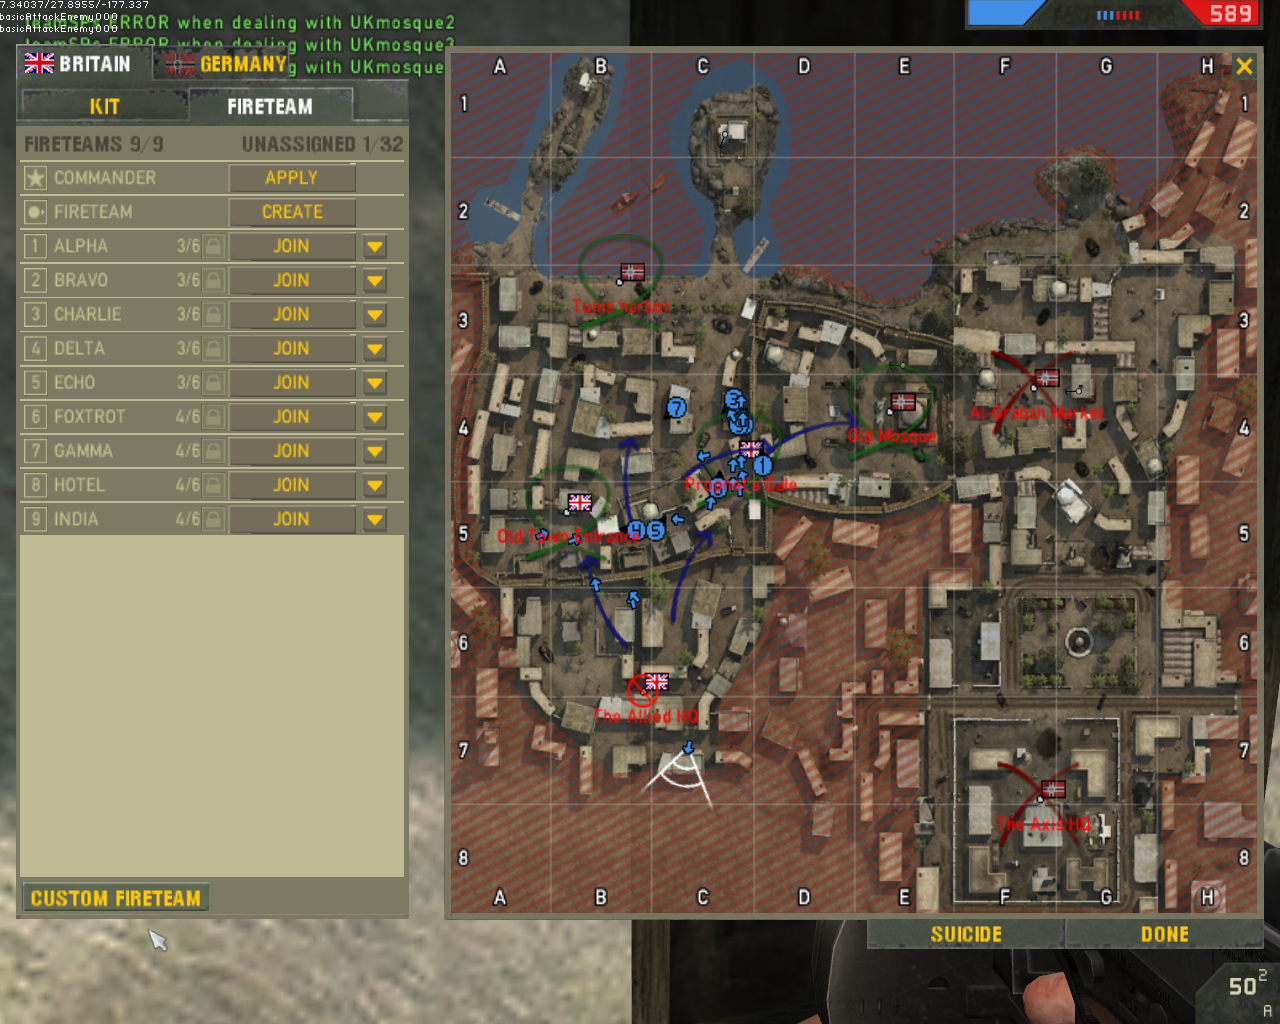 LittleBird Pack 1 0 file - ESAI mod for Battlefield 2 - Mod DB